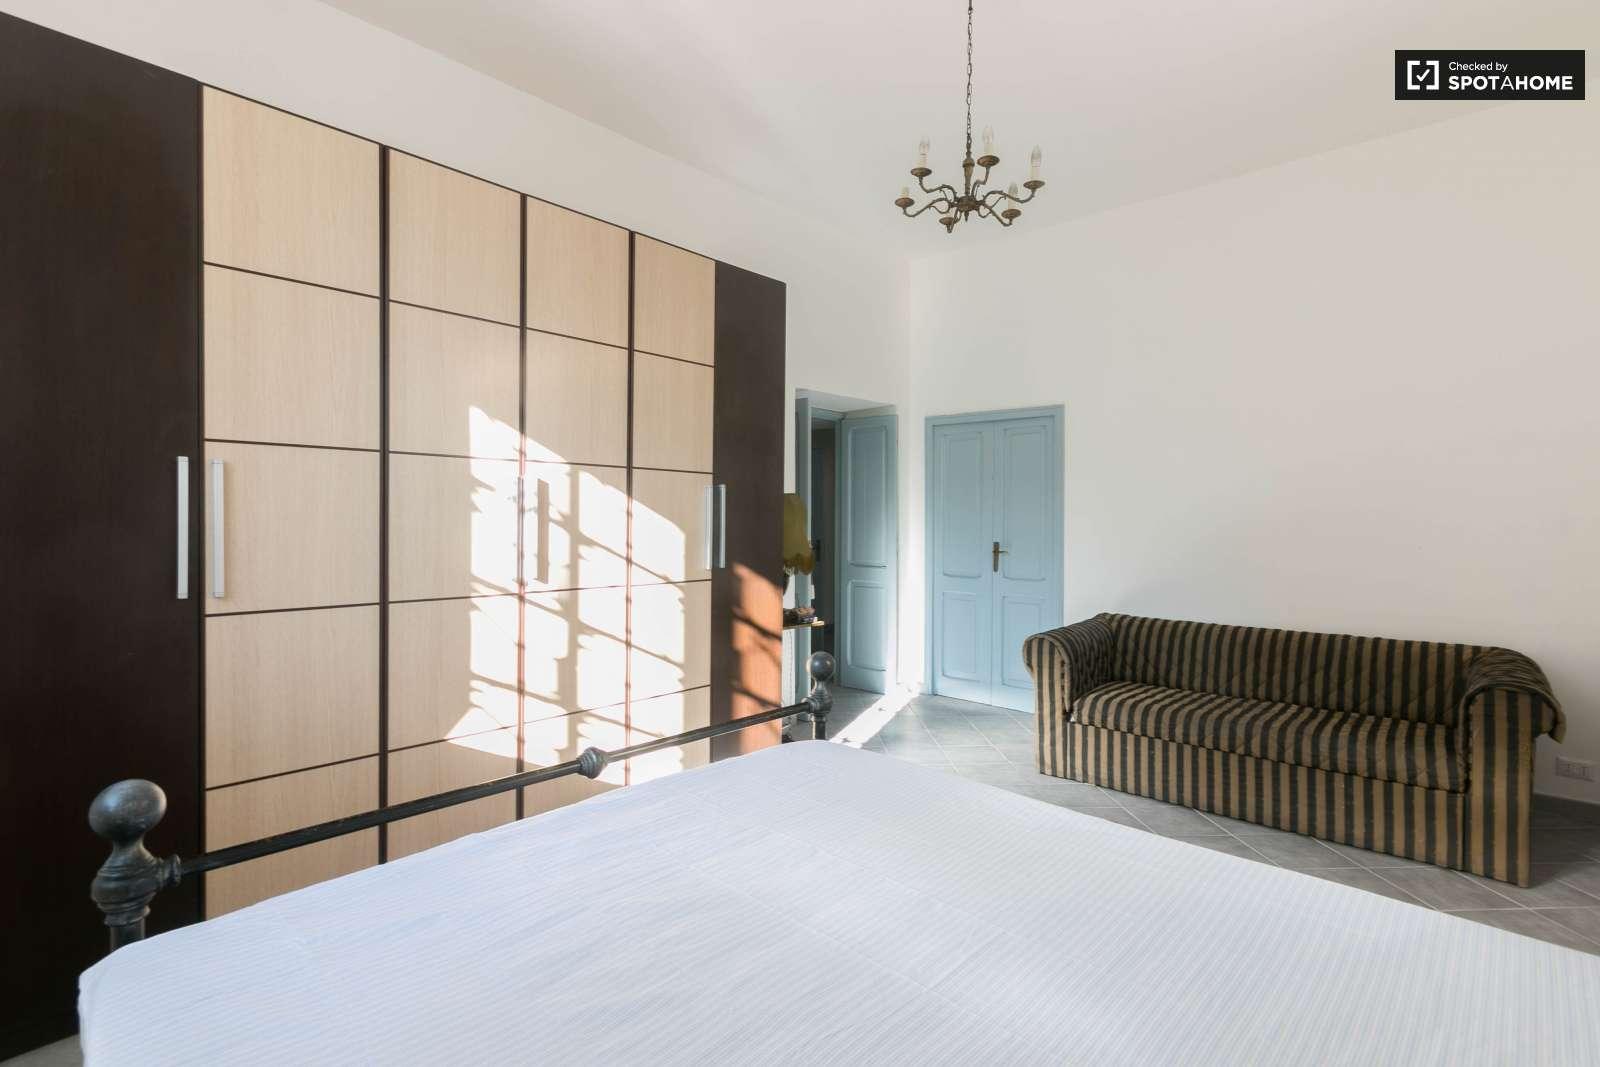 Vasca Da Bagno In Inglese Tradurre : Camere in affitto a 2 appartamento a monteverde roma ref: 151037